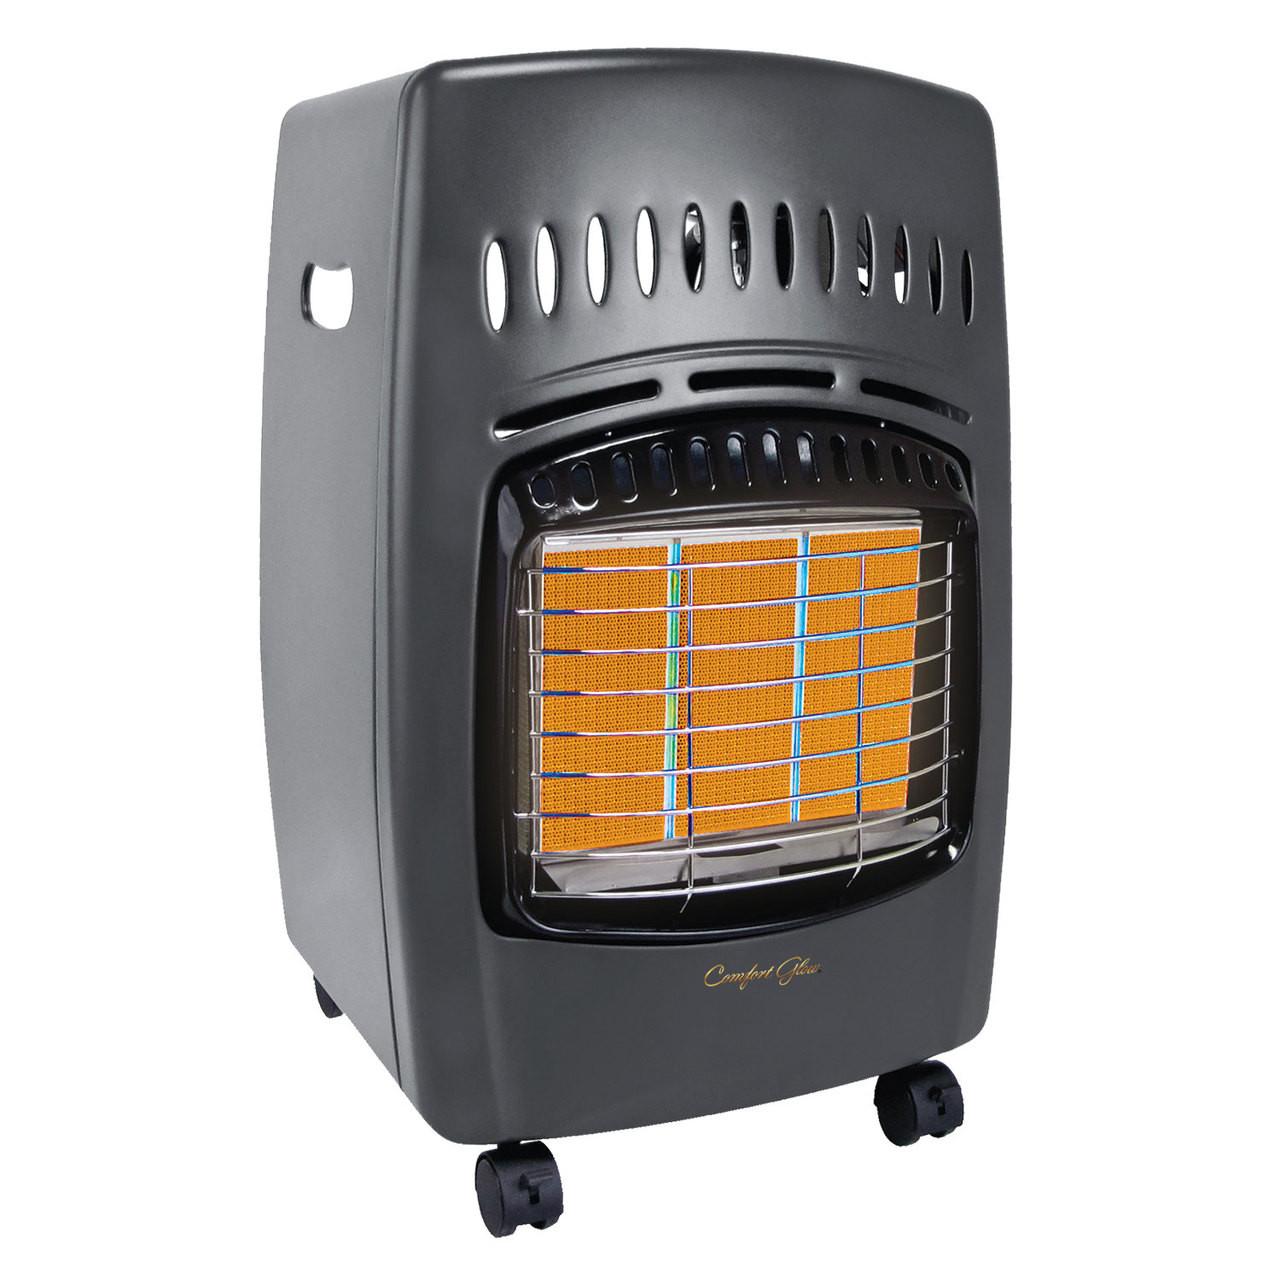 Comfort Glow Gch480 Propane Lp Cabinet Heater Comfort Home